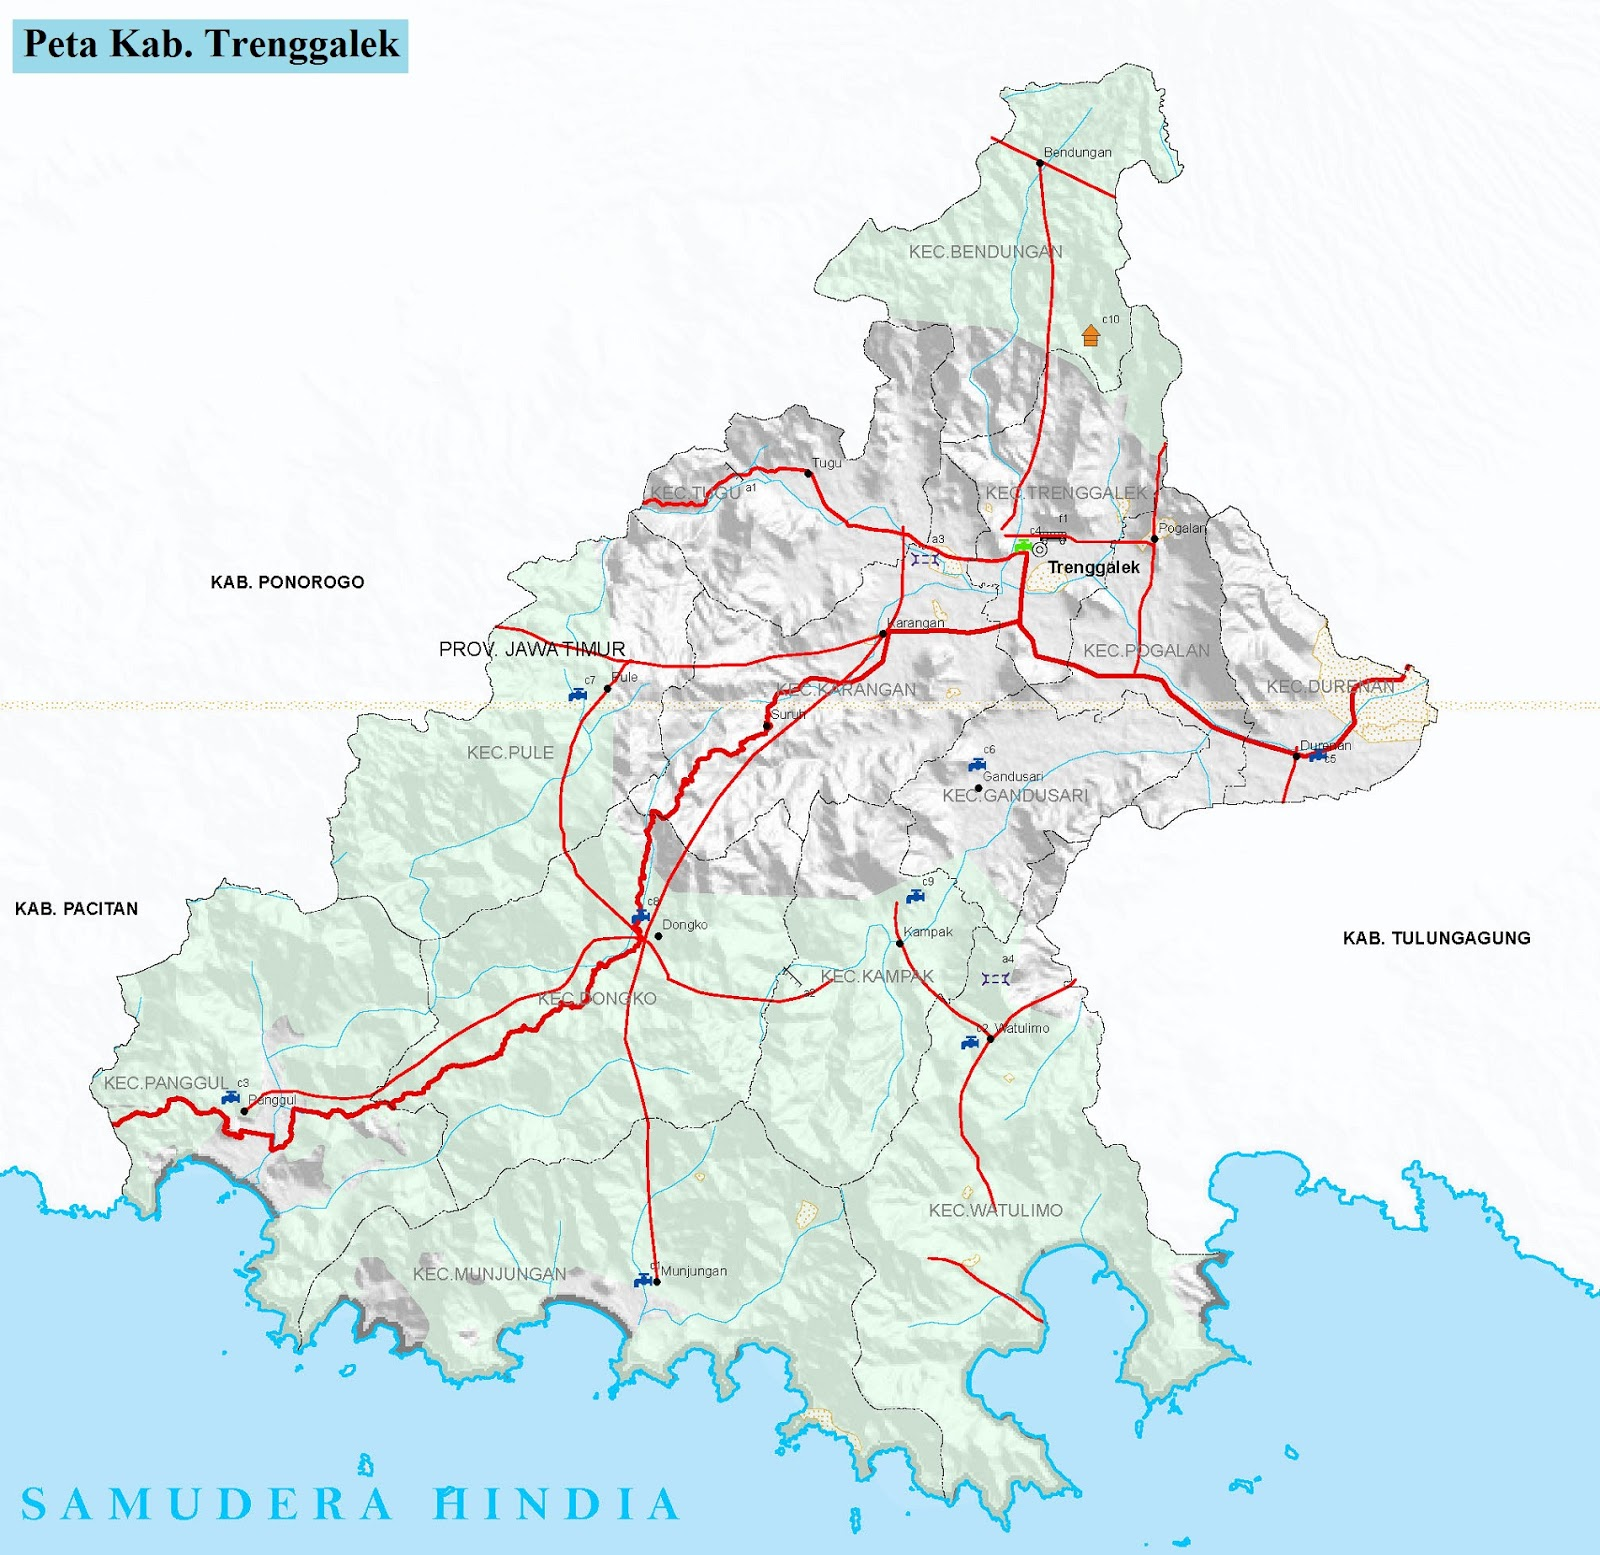 Peta Kabupaten Trenggalek HD